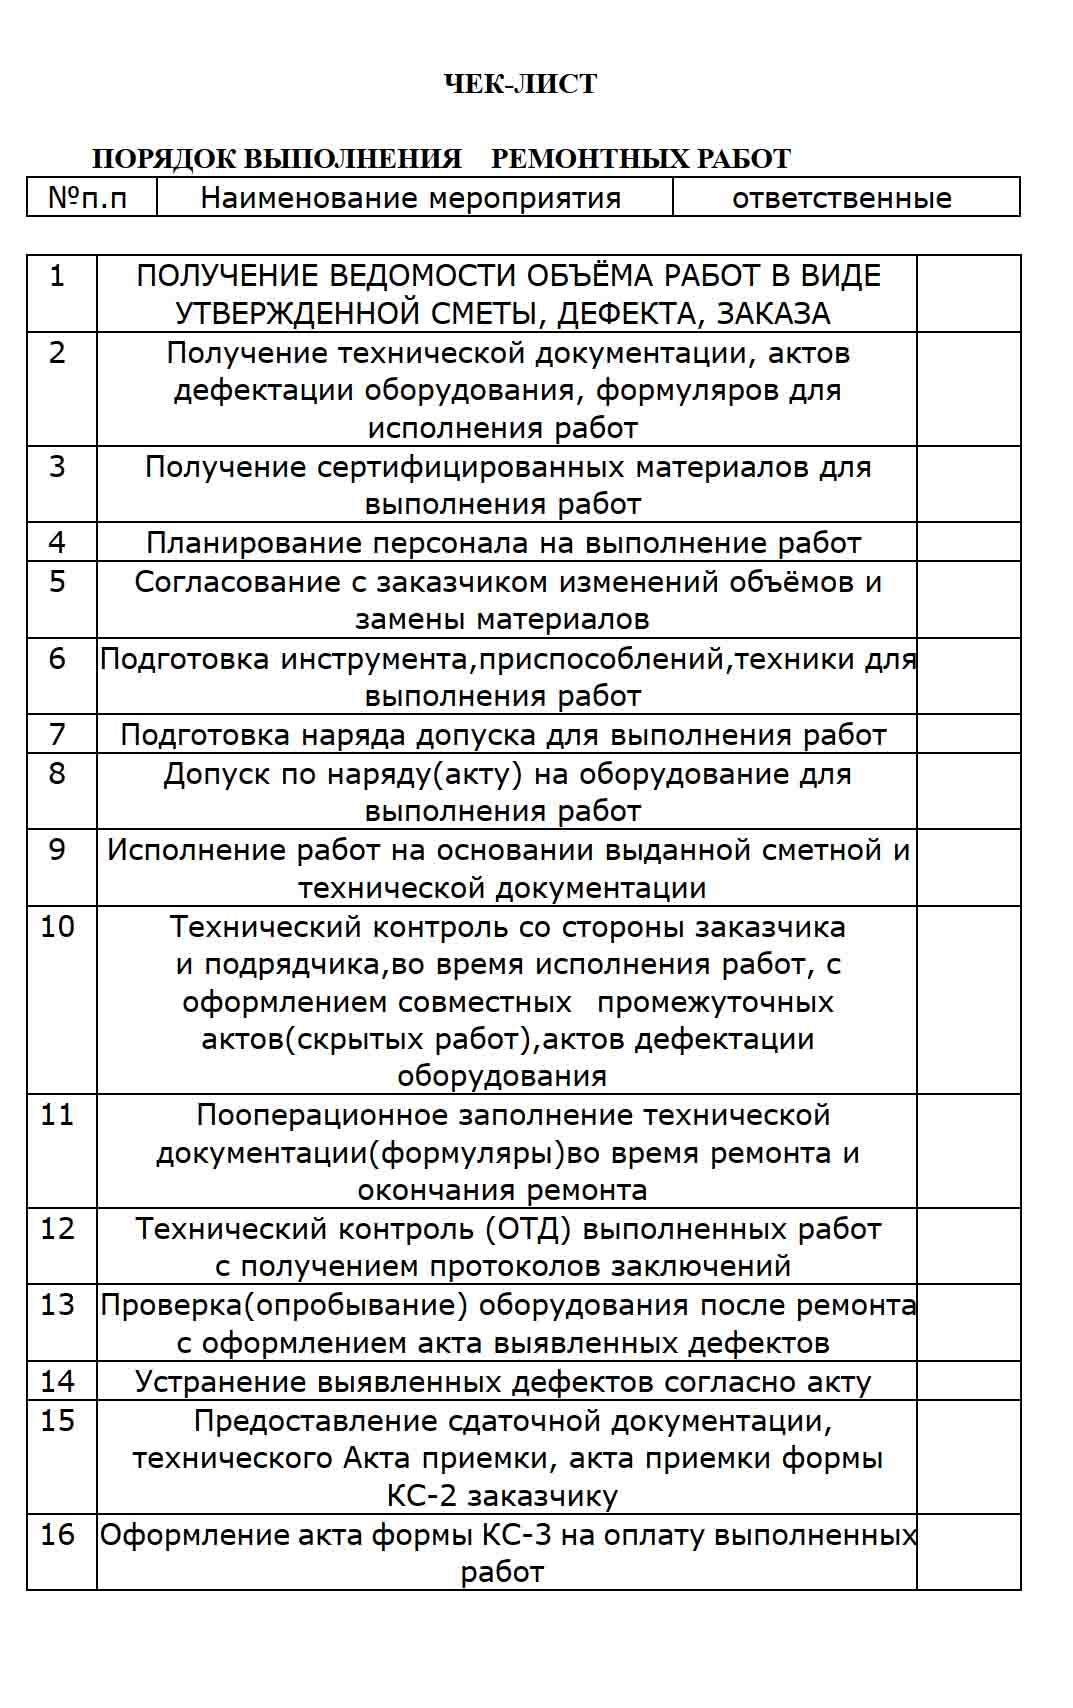 чек-лист на ремонт оборудования